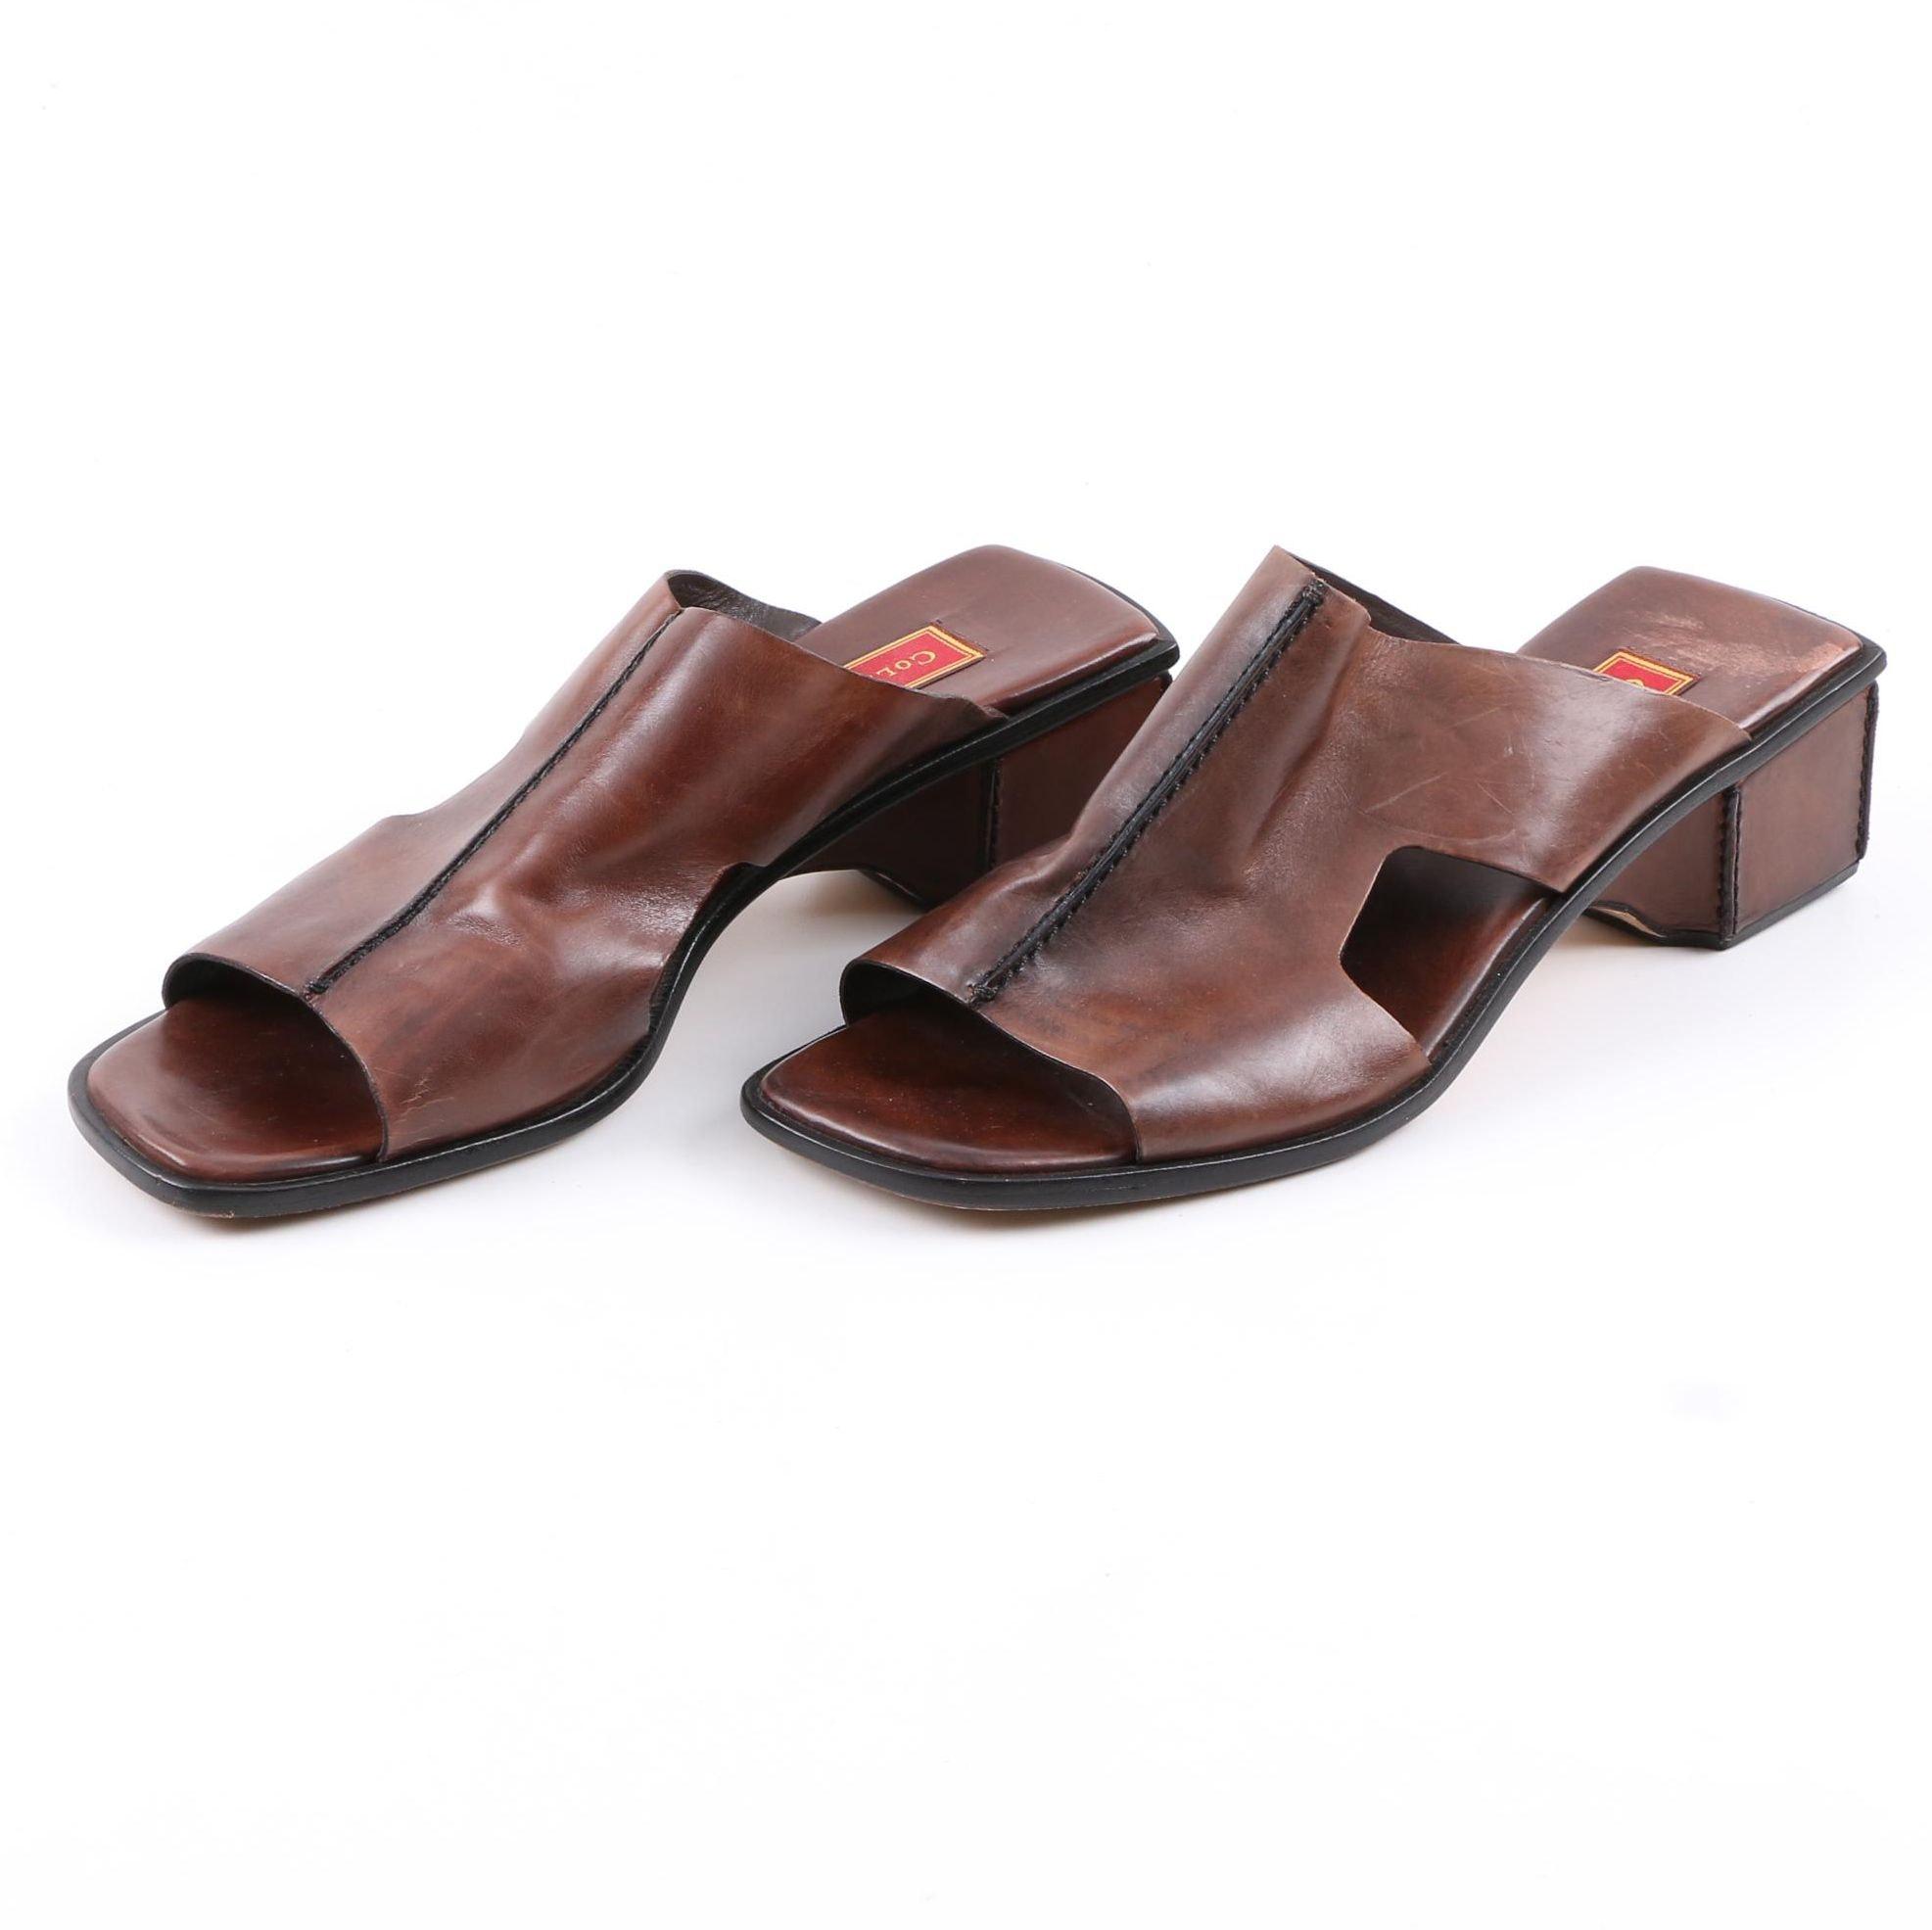 Pair of Cole Haan Studio Heeled Sandals